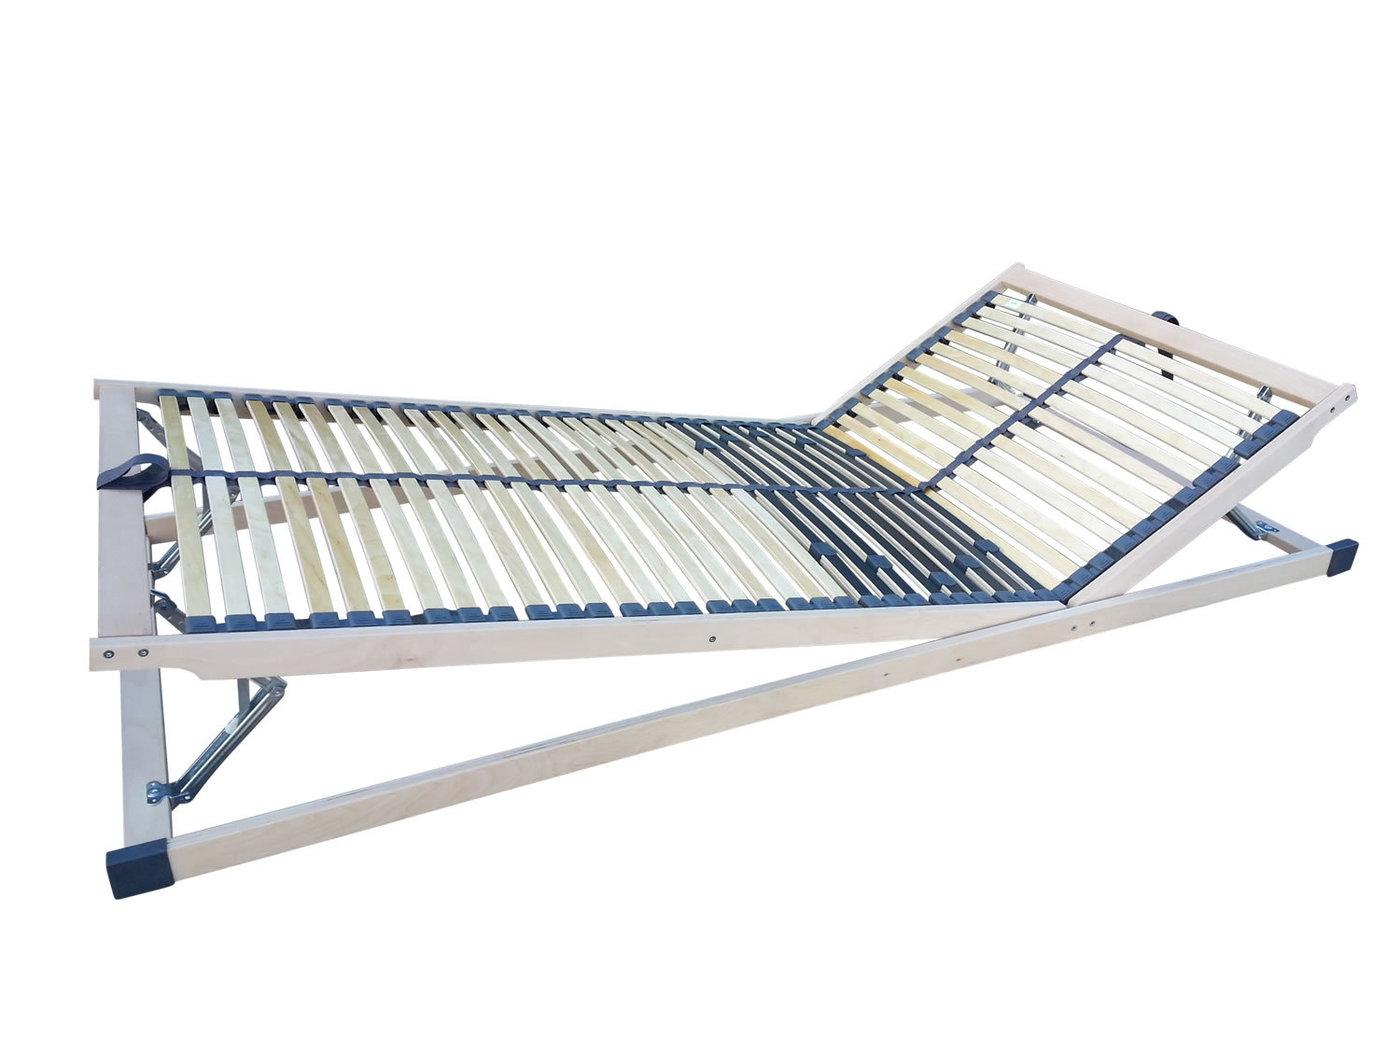 verstellbar best verstellbar x x with verstellbar great edelstahl verstellbar mit stutzen dn. Black Bedroom Furniture Sets. Home Design Ideas